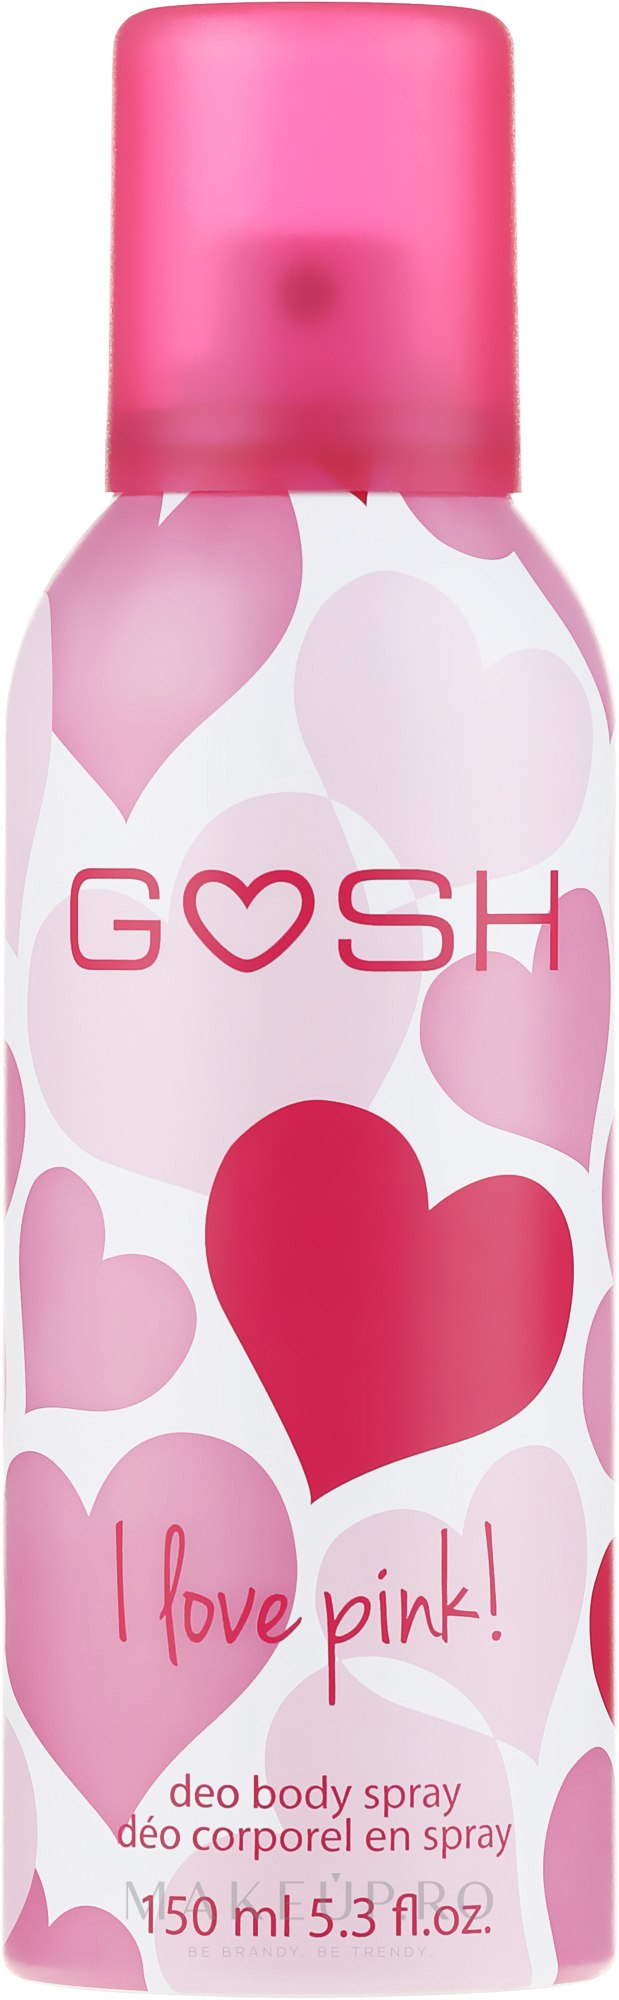 Deodorant-spray - Gosh I Love Pink Deo Body Spray — Imagine 150 ml